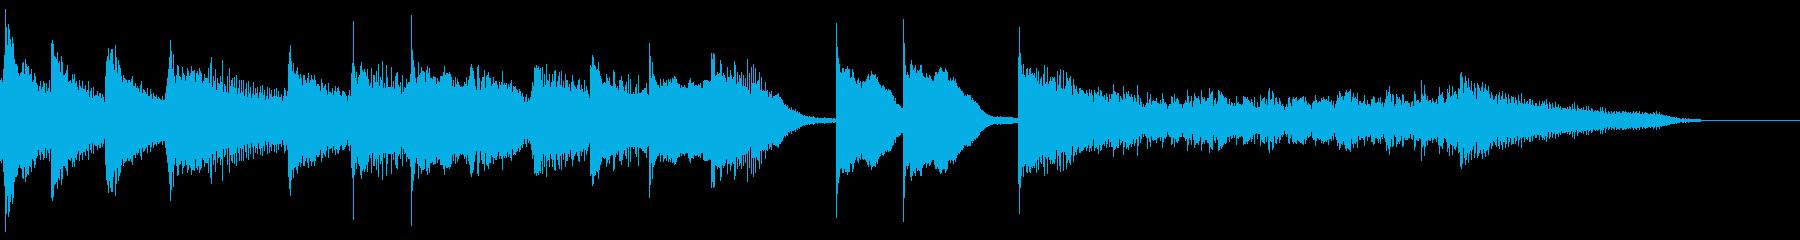 ブルース エンディング ピアノ ジングルの再生済みの波形